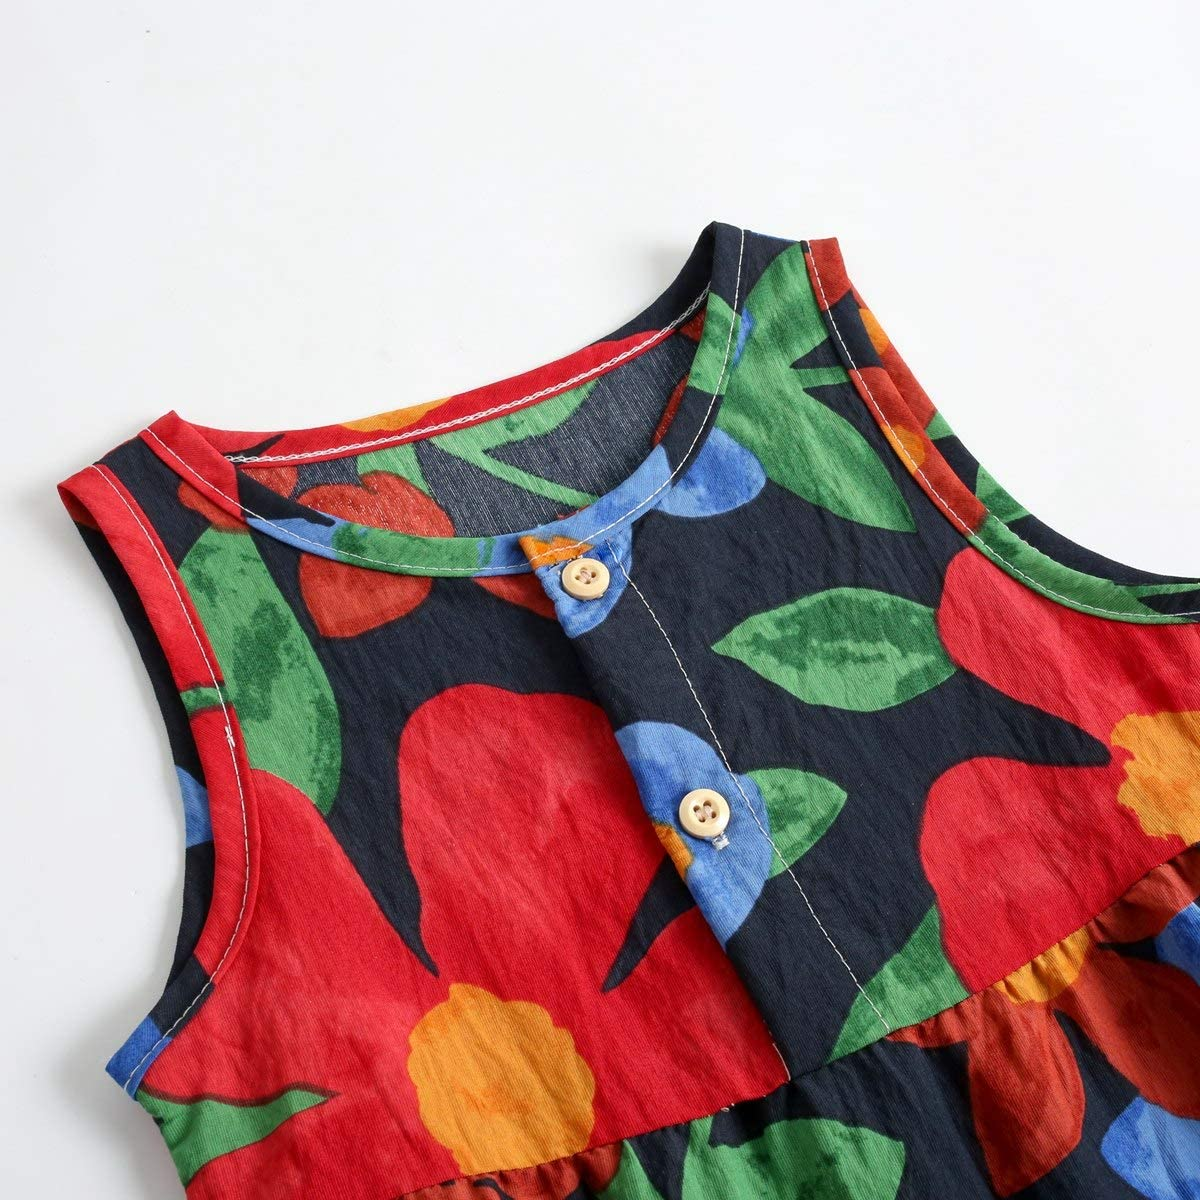 Sanlutoz Neonato Baby Summer Pagliaccetto Fiori Cotone Vestiti per Bambini per Ragazze Senza Maniche Moda